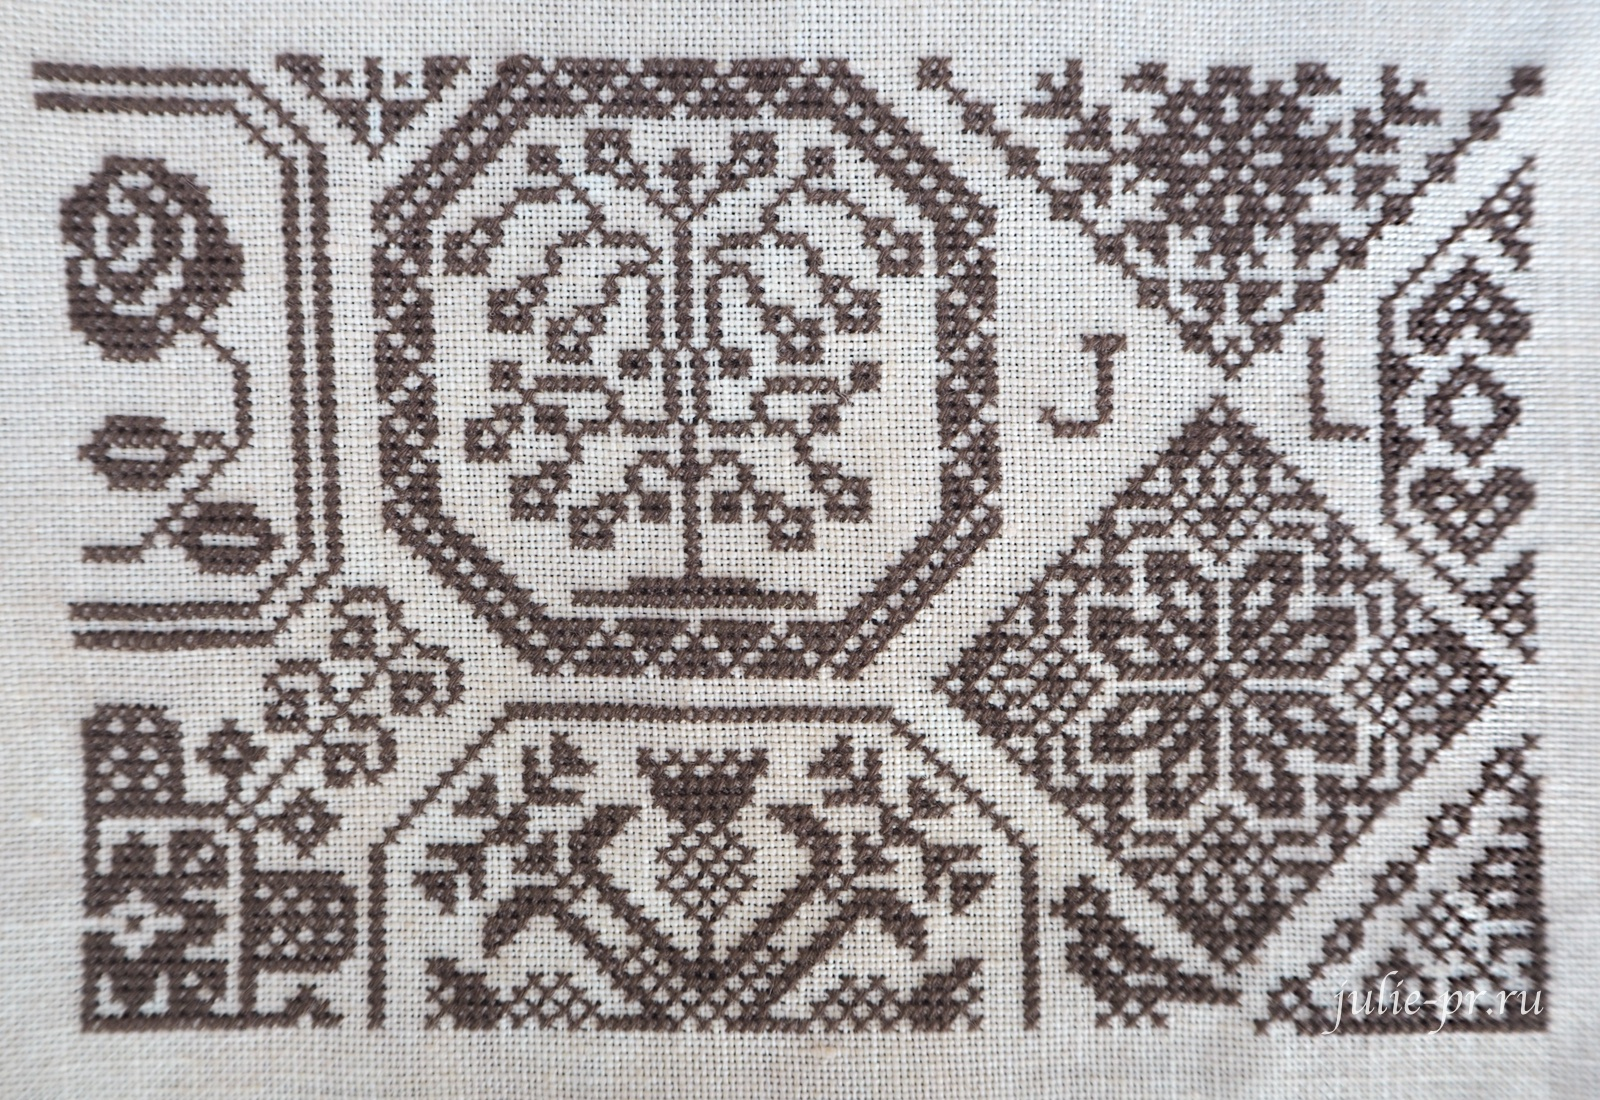 Gazette94, Quaker, вышивка крестом, примитив, квакер, бесплатная схема